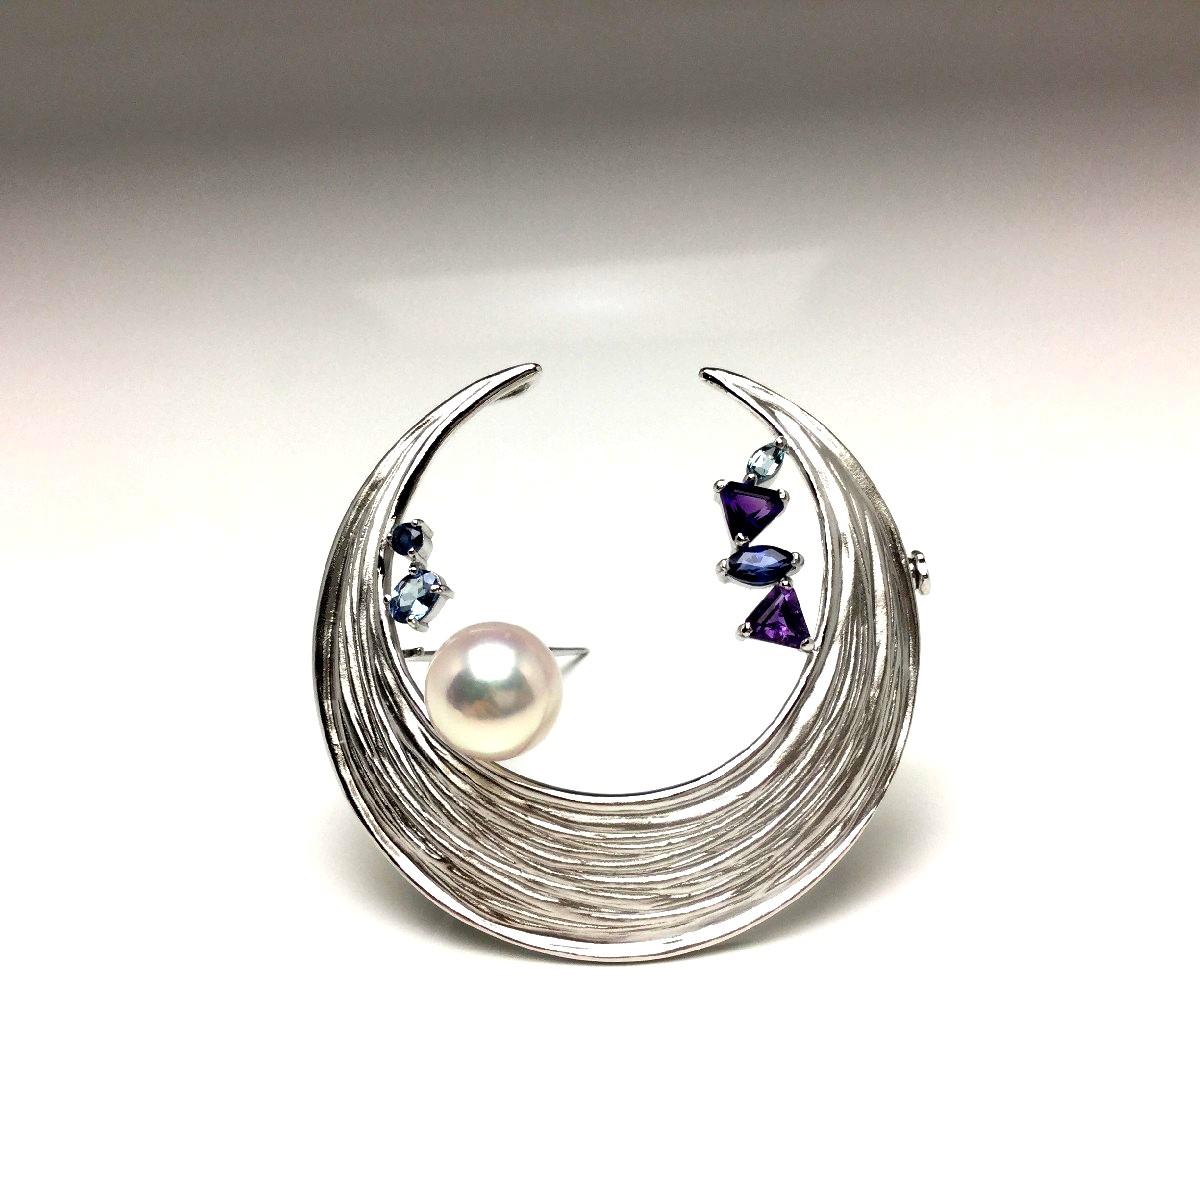 【10%OFF】真珠 ブローチ パール アコヤ真珠 9.2mm ホワイトピンク シルバー 天然石 ムーン 67037 イソワパール